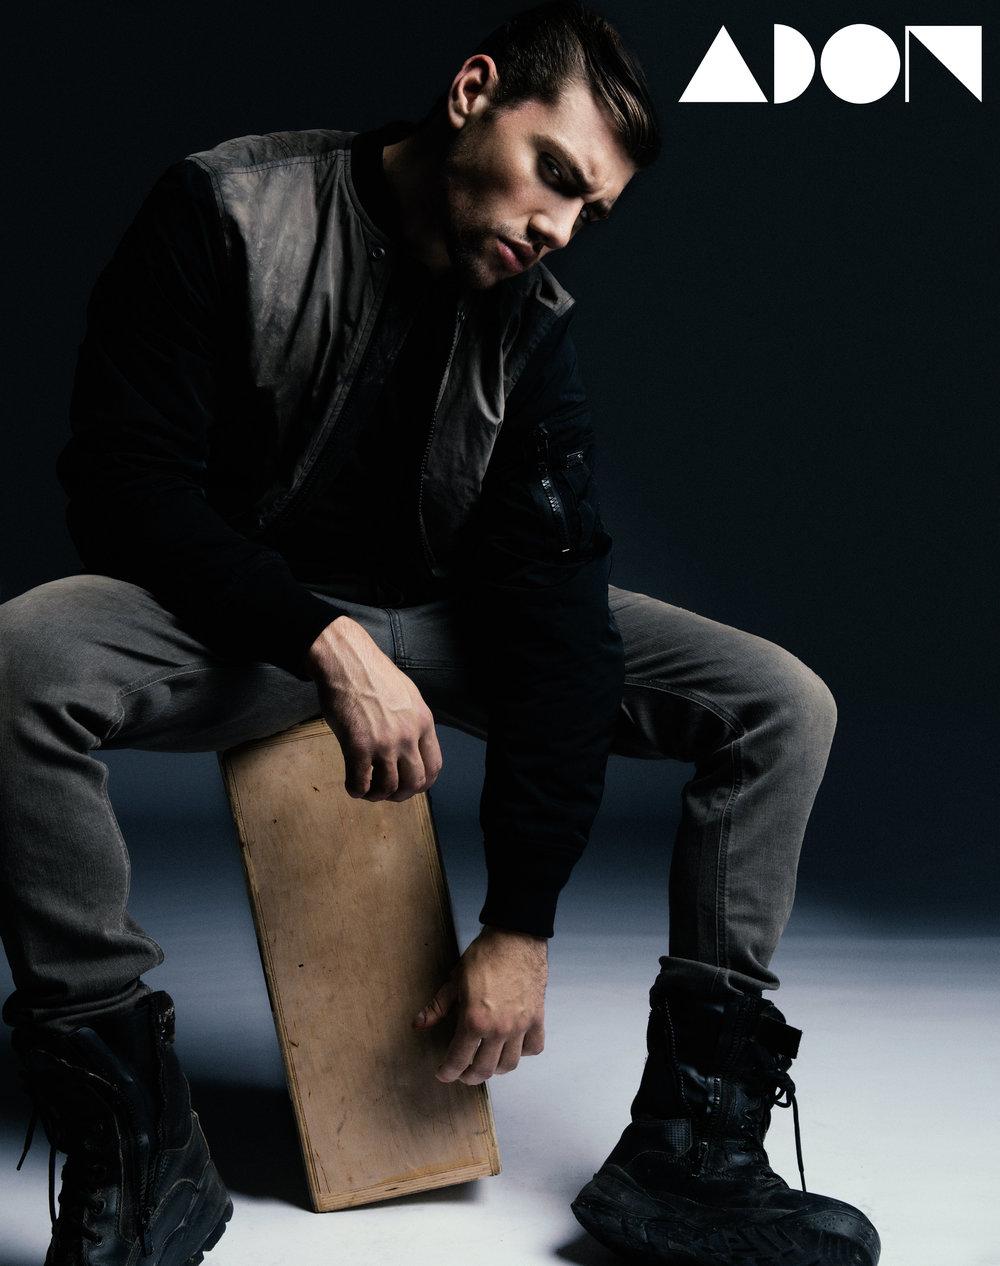 Jacket: Diesel, Shirt: Diesel, Pant: Diesel, Boots: Vintage/Stylist Owned